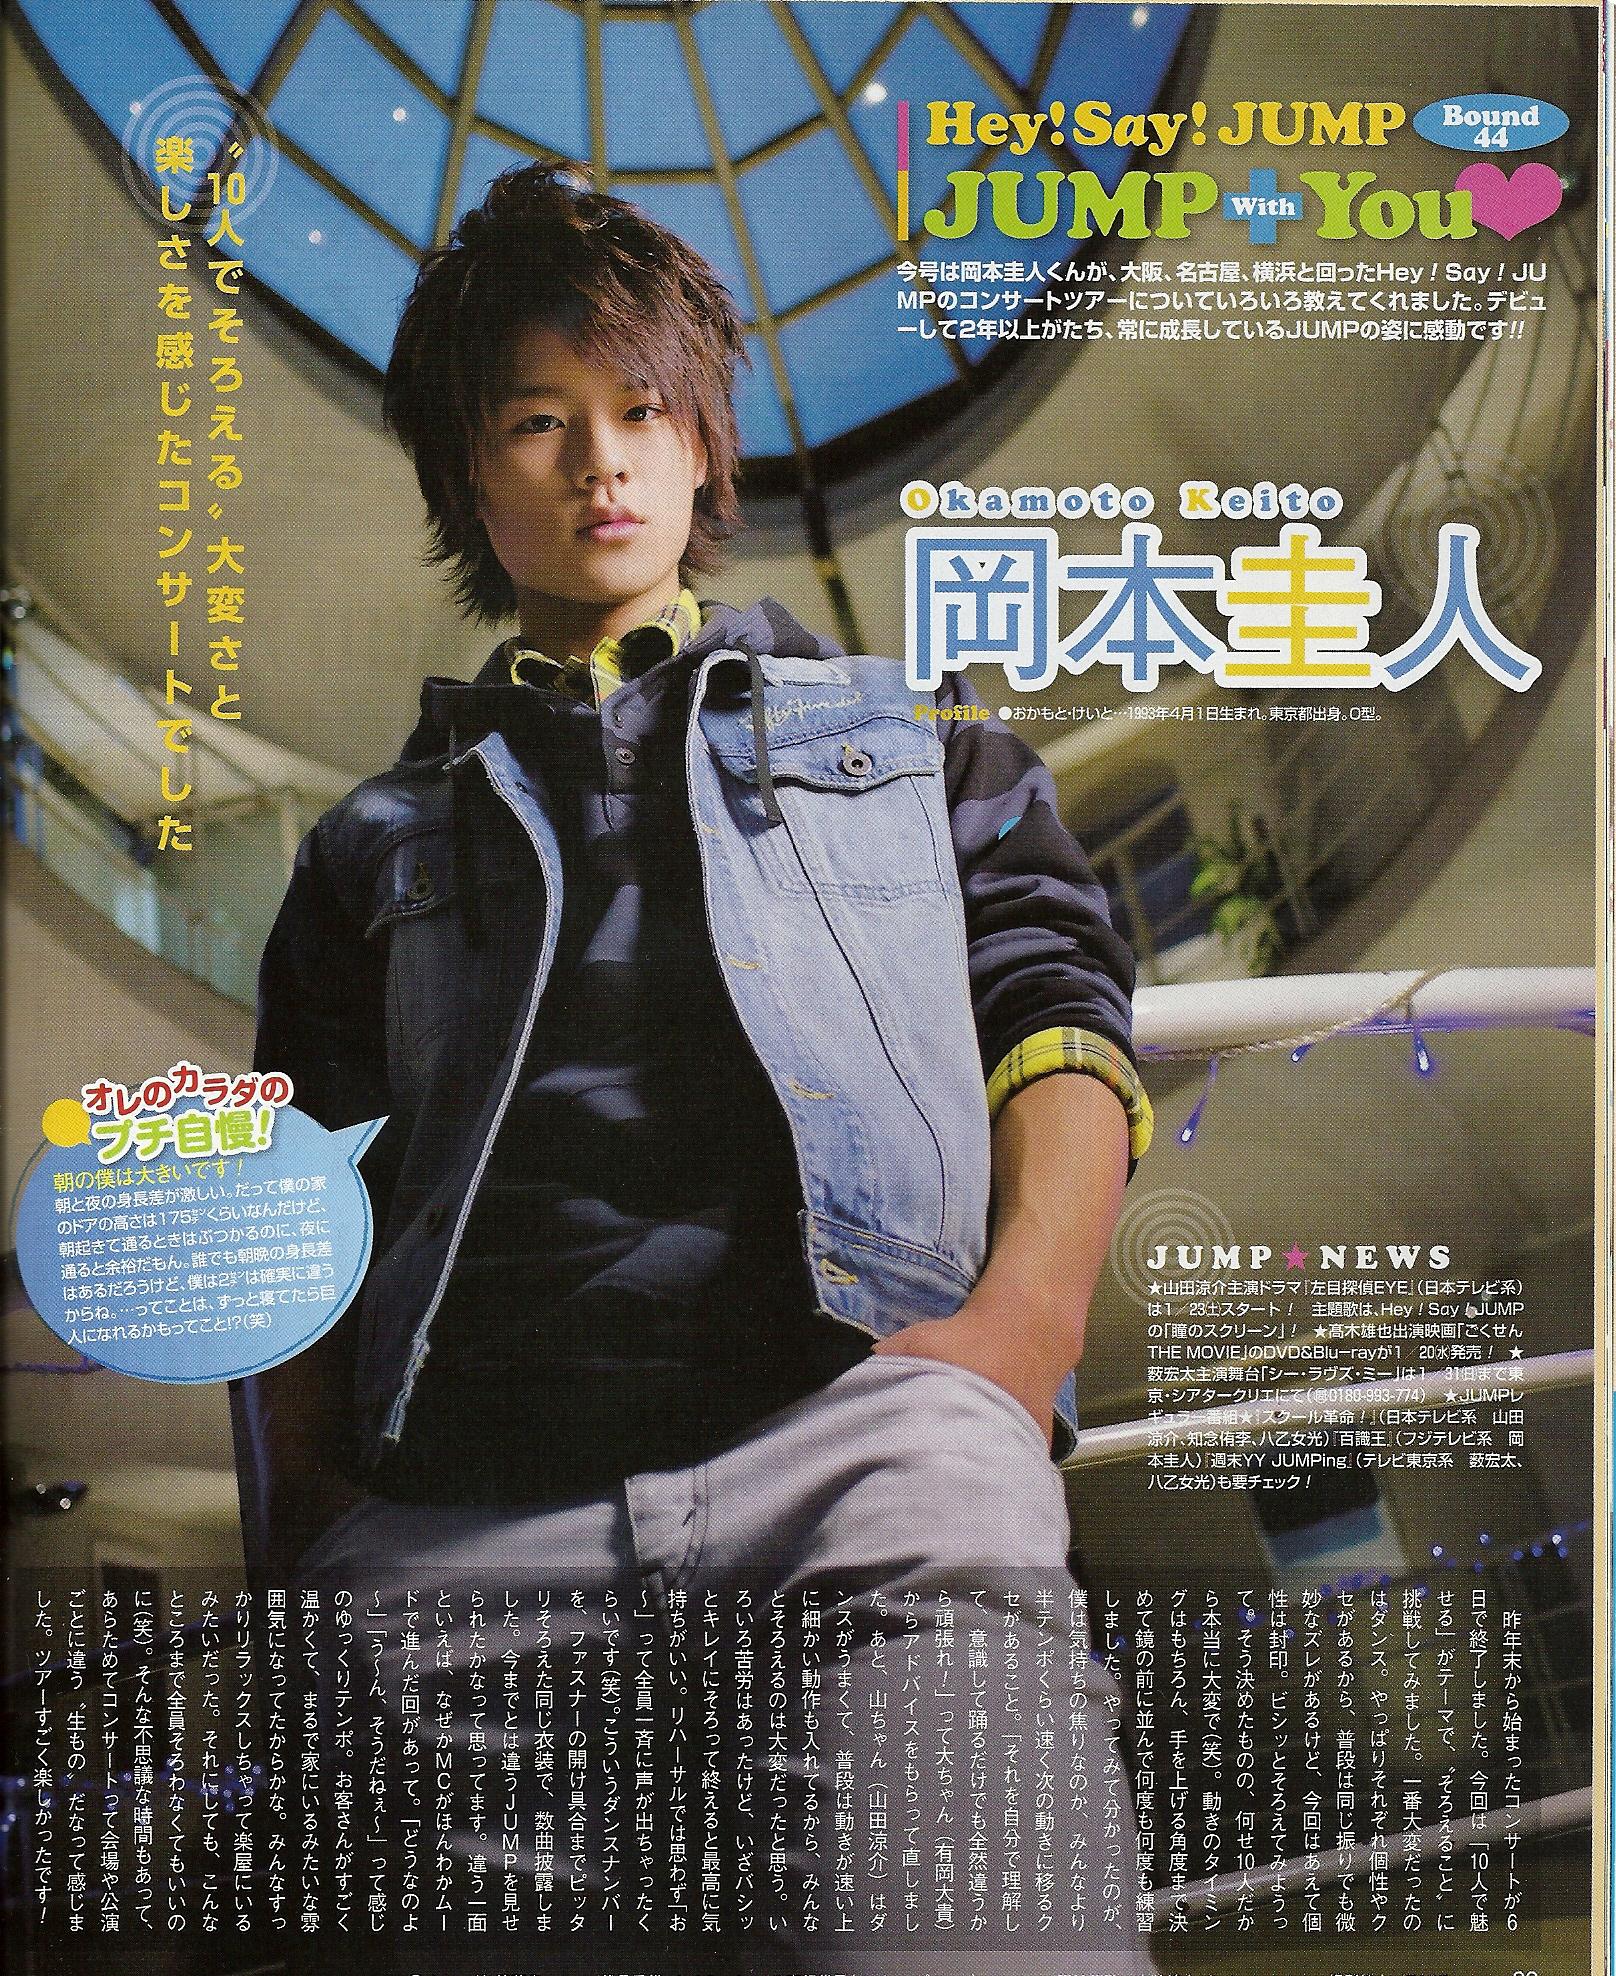 http://okamotokeito.files.wordpress.com/2010/04/tvlife-bound-44-keito.jpg